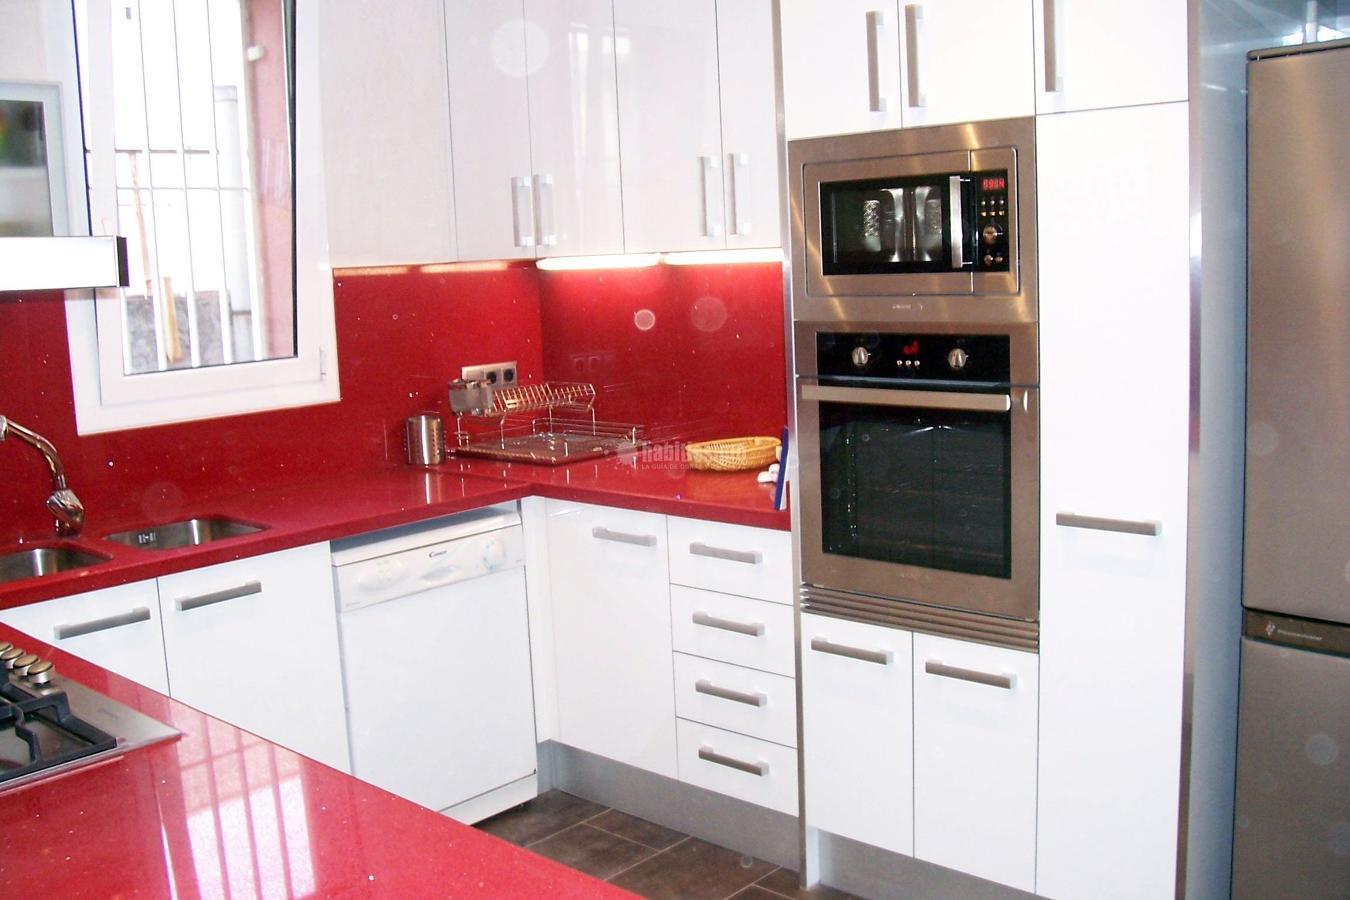 Foto muebles cocina fabricantes cocinas art culos - Fabricantes muebles cocina ...